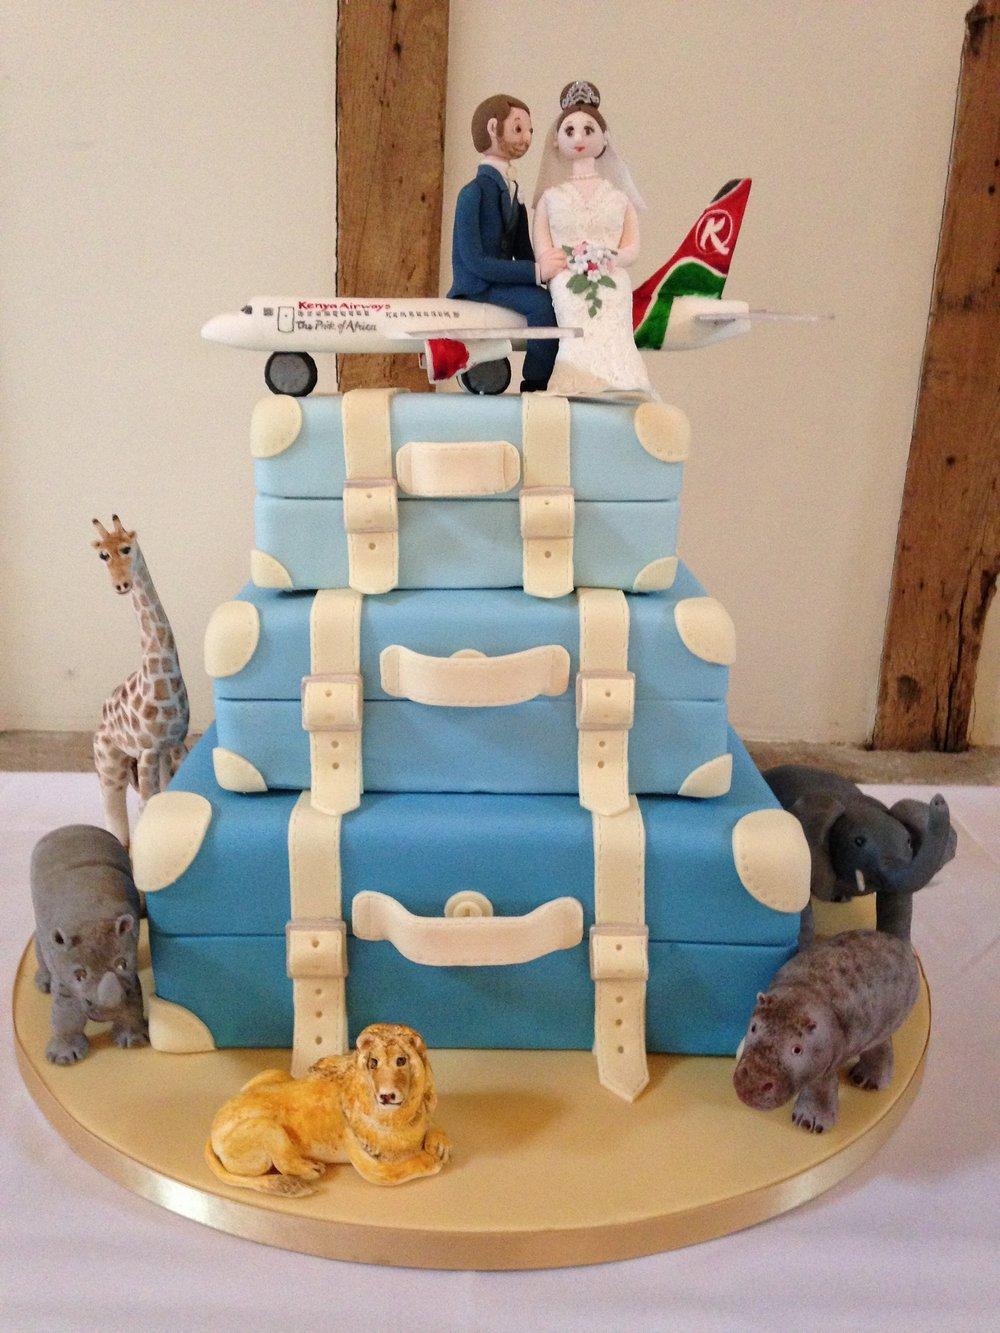 Kitty's cakes wedding cake